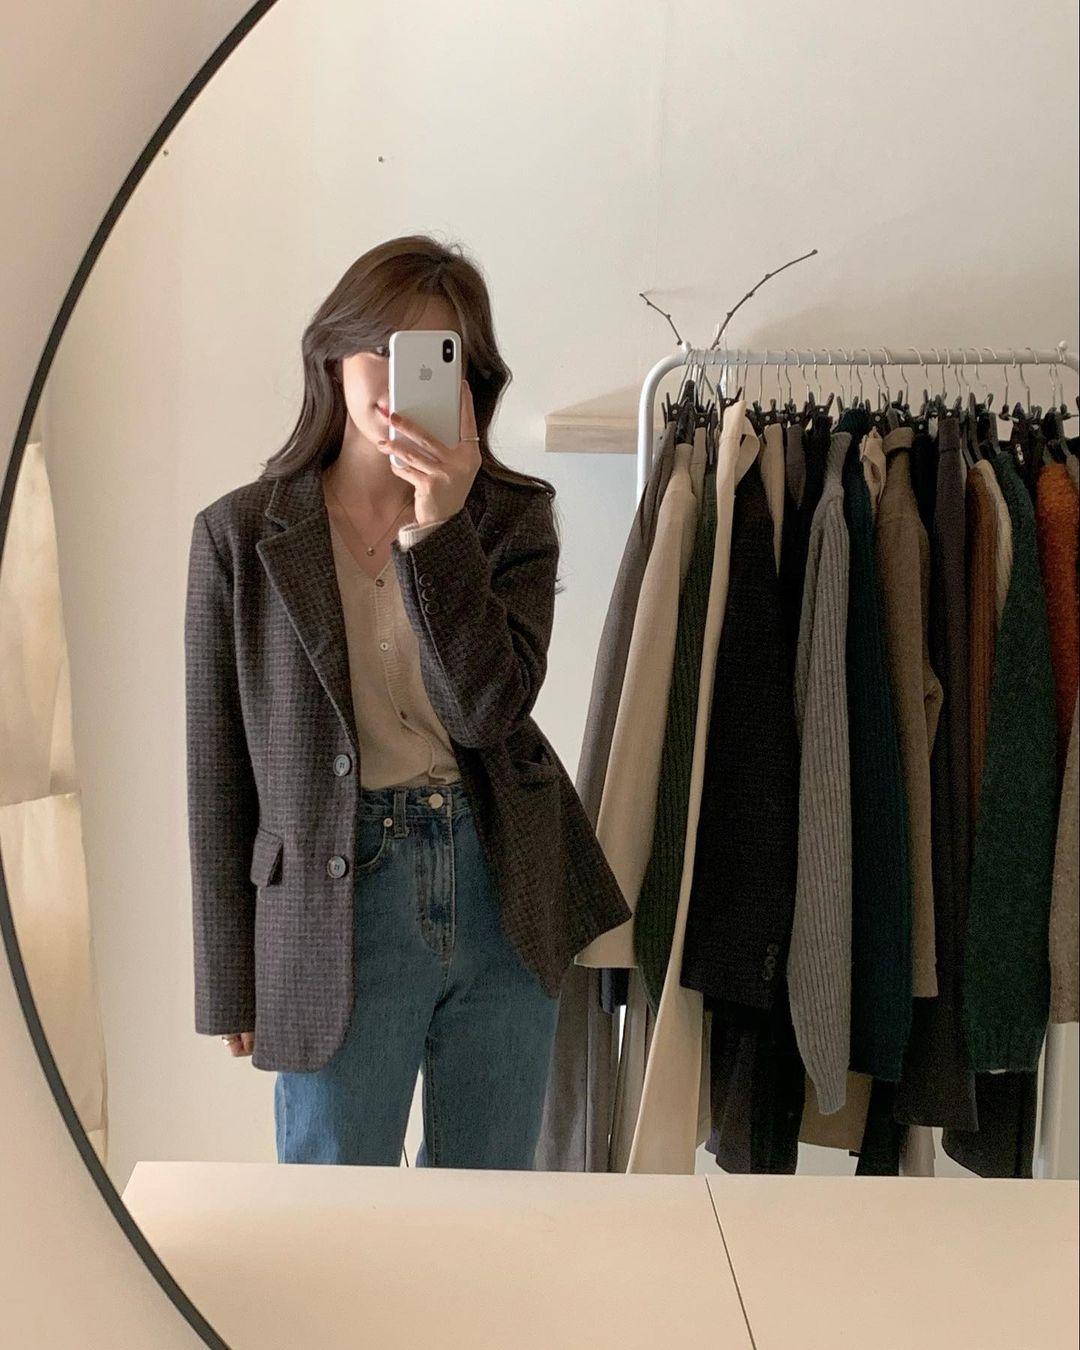 5 mẫu áo quá hợp để diện cùng blazer, bạn cần biết hết để không bao giờ thất bại trong chuyện mặc đẹp 10